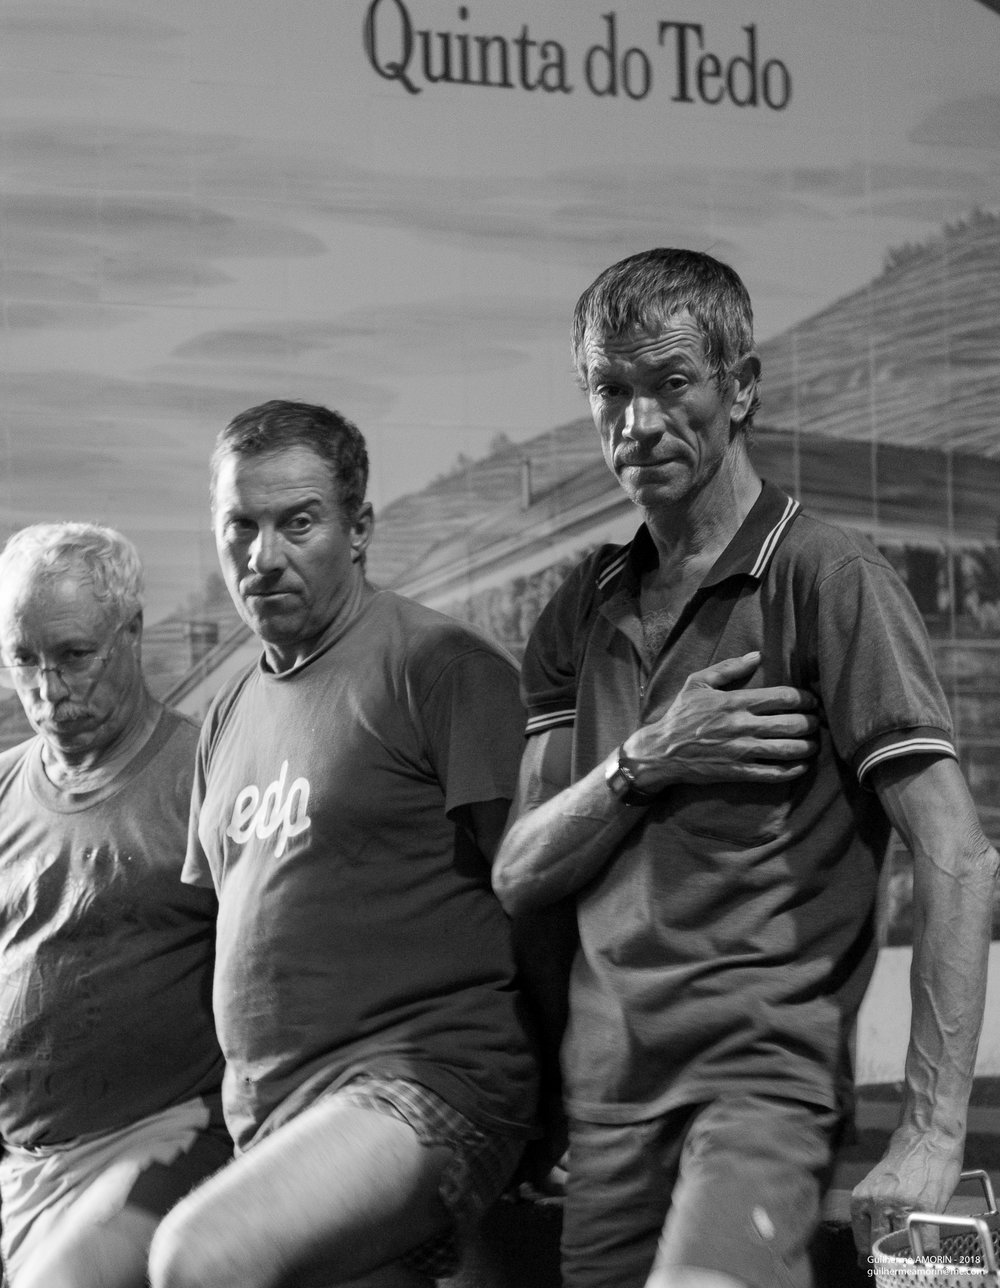 Après une longue journée de vendange, nos ouvriers de la vigne marchent 3 heures pendant environ 3 jours jusqu'à la fortification = naissance d'un nouveau Porto! Fatigué, fier et engagé, merci.